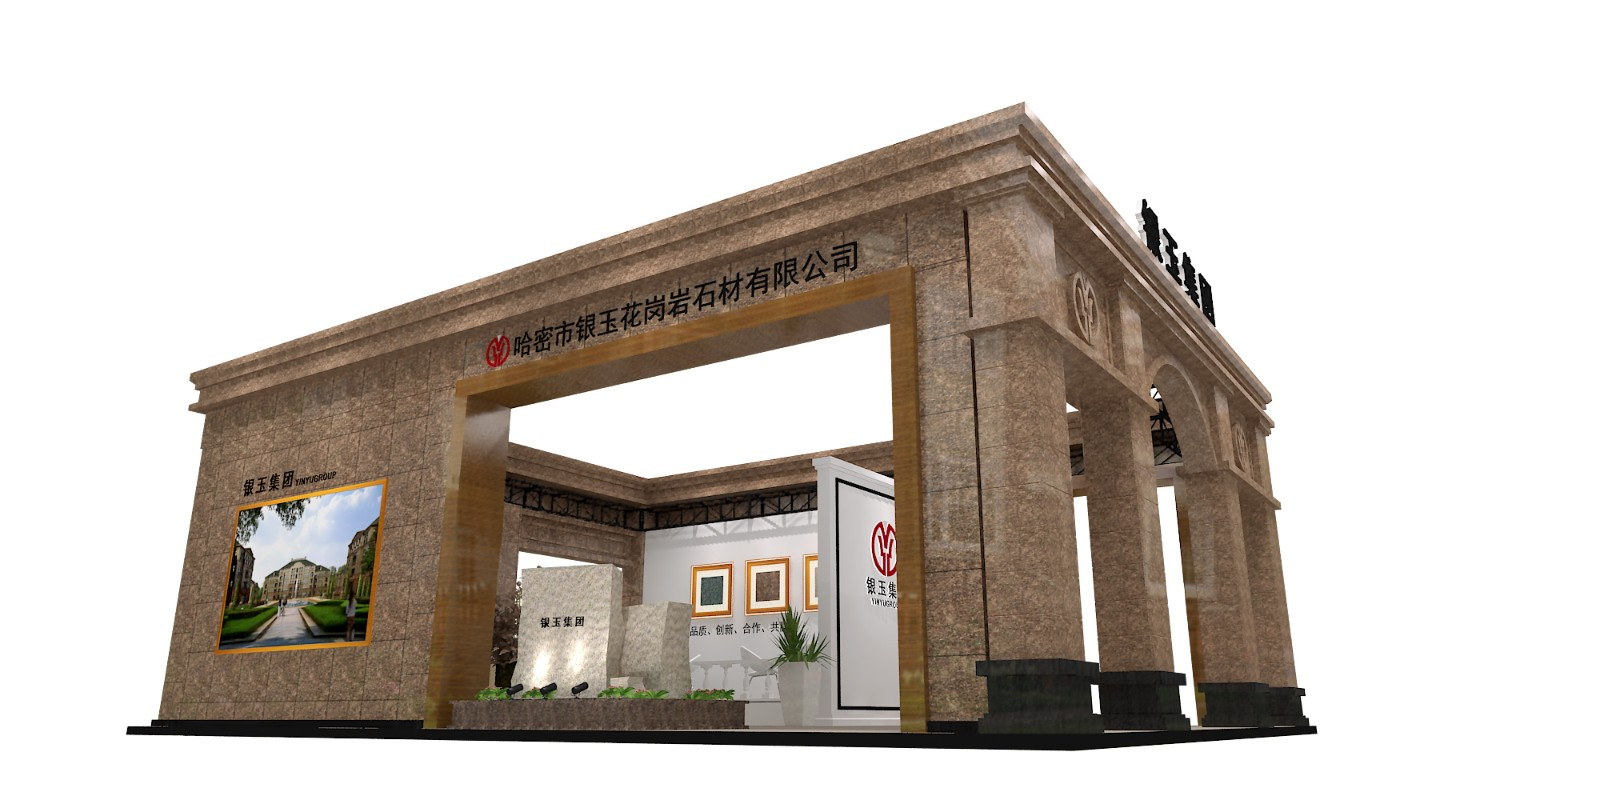 石材展-銀玉|展覽特裝-廈門市嘉維世紀會展服務有限公司